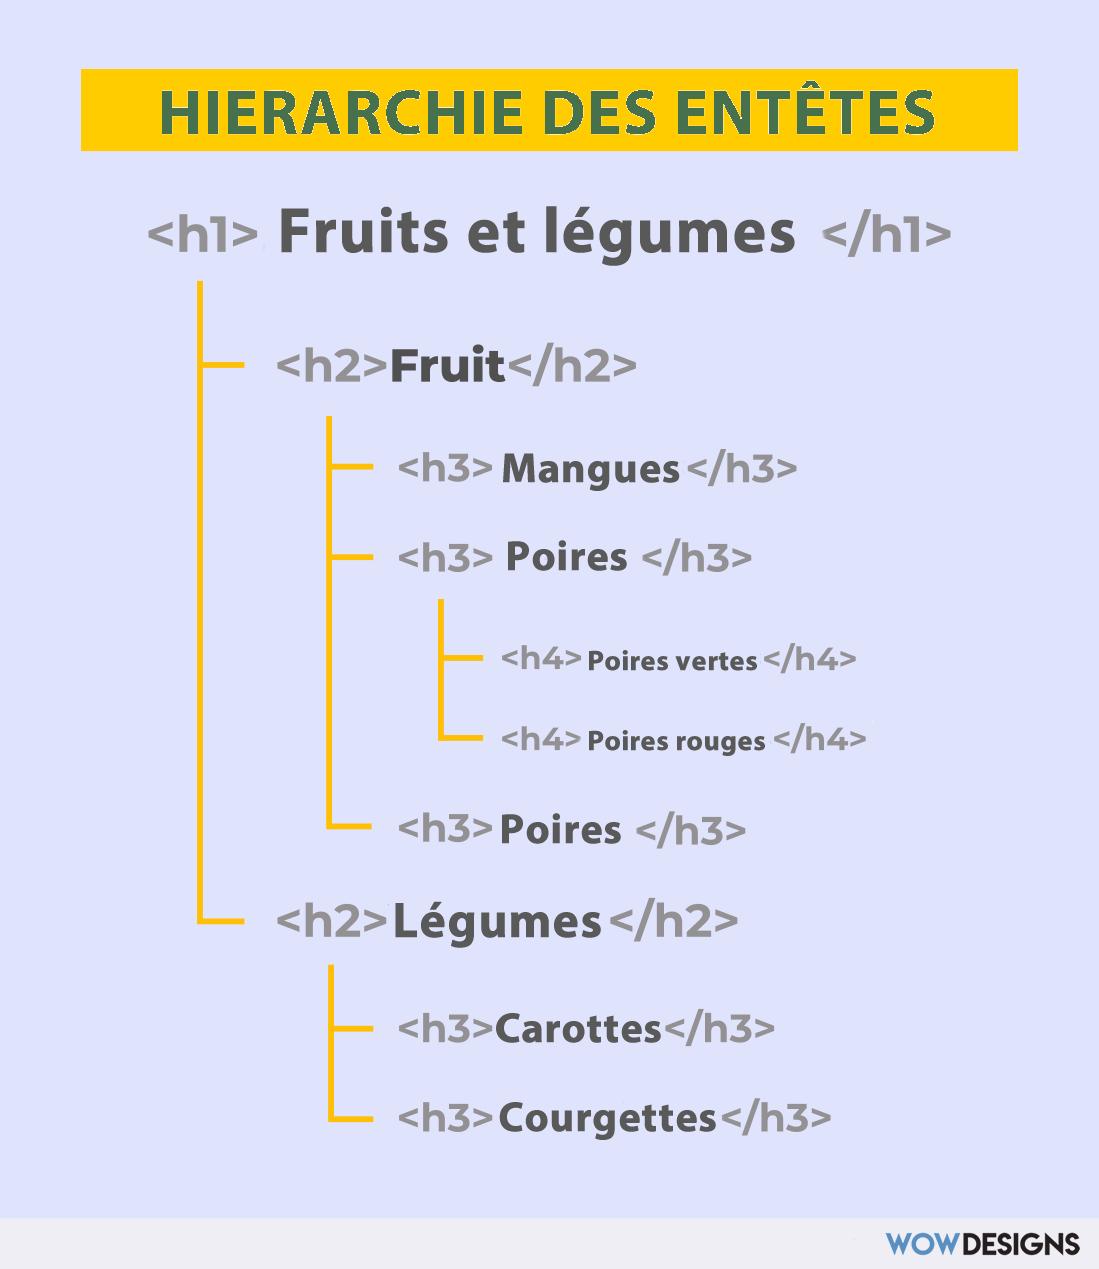 Hiérarchie des entêtes HTML